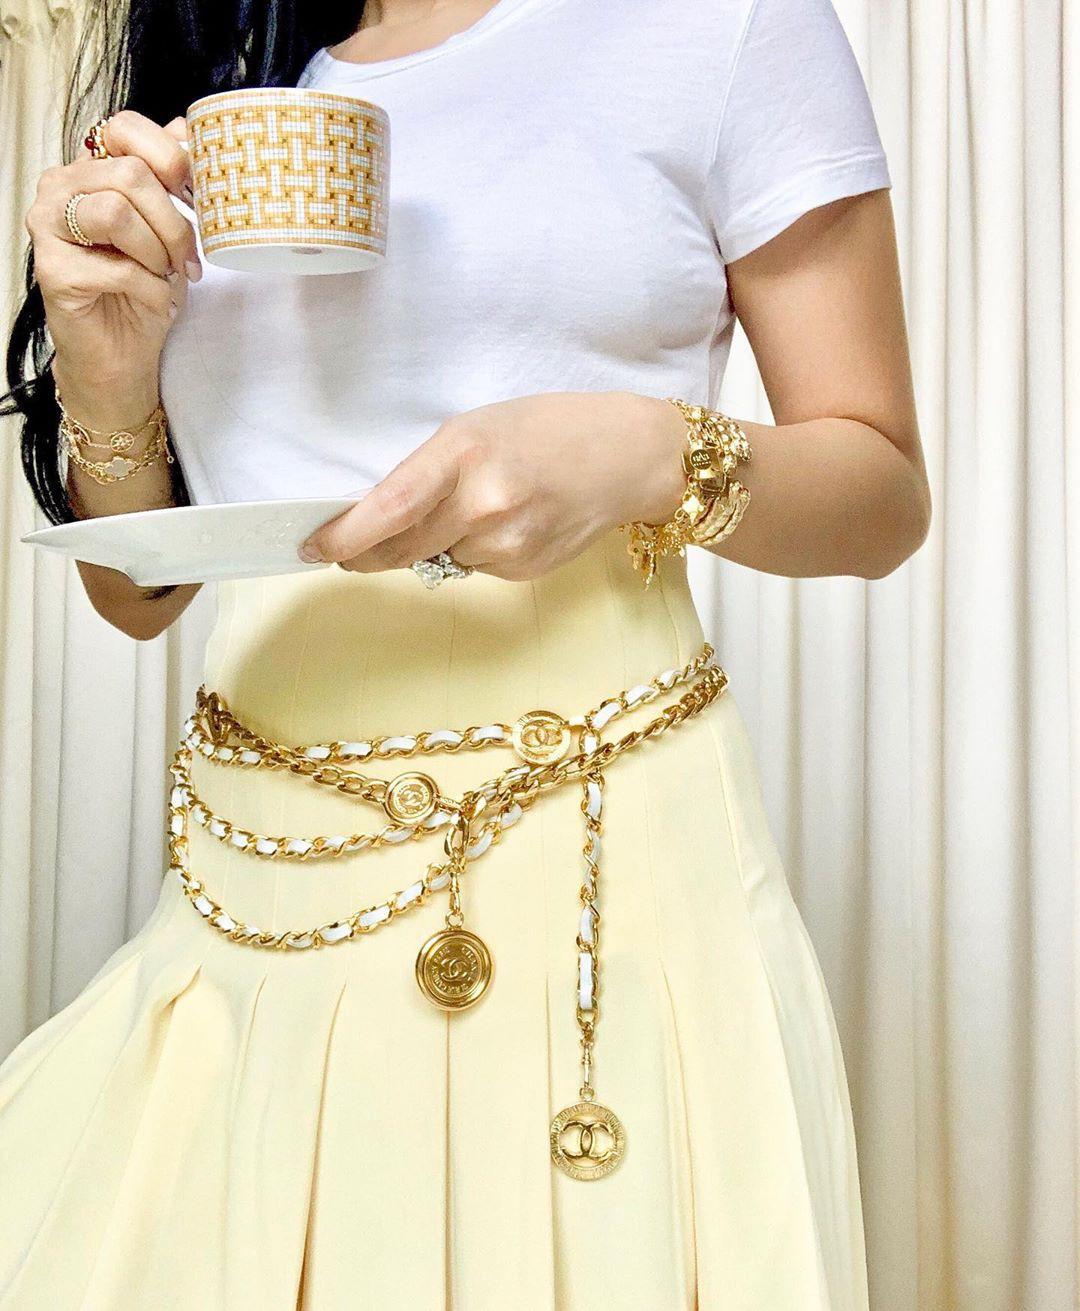 Vị phu nhân thượng nghị sĩ - bạn thân Hà Tăng có cách diện áo phông trắng rất sang xịn, nàng công sở nên học theo ngay - Ảnh 4